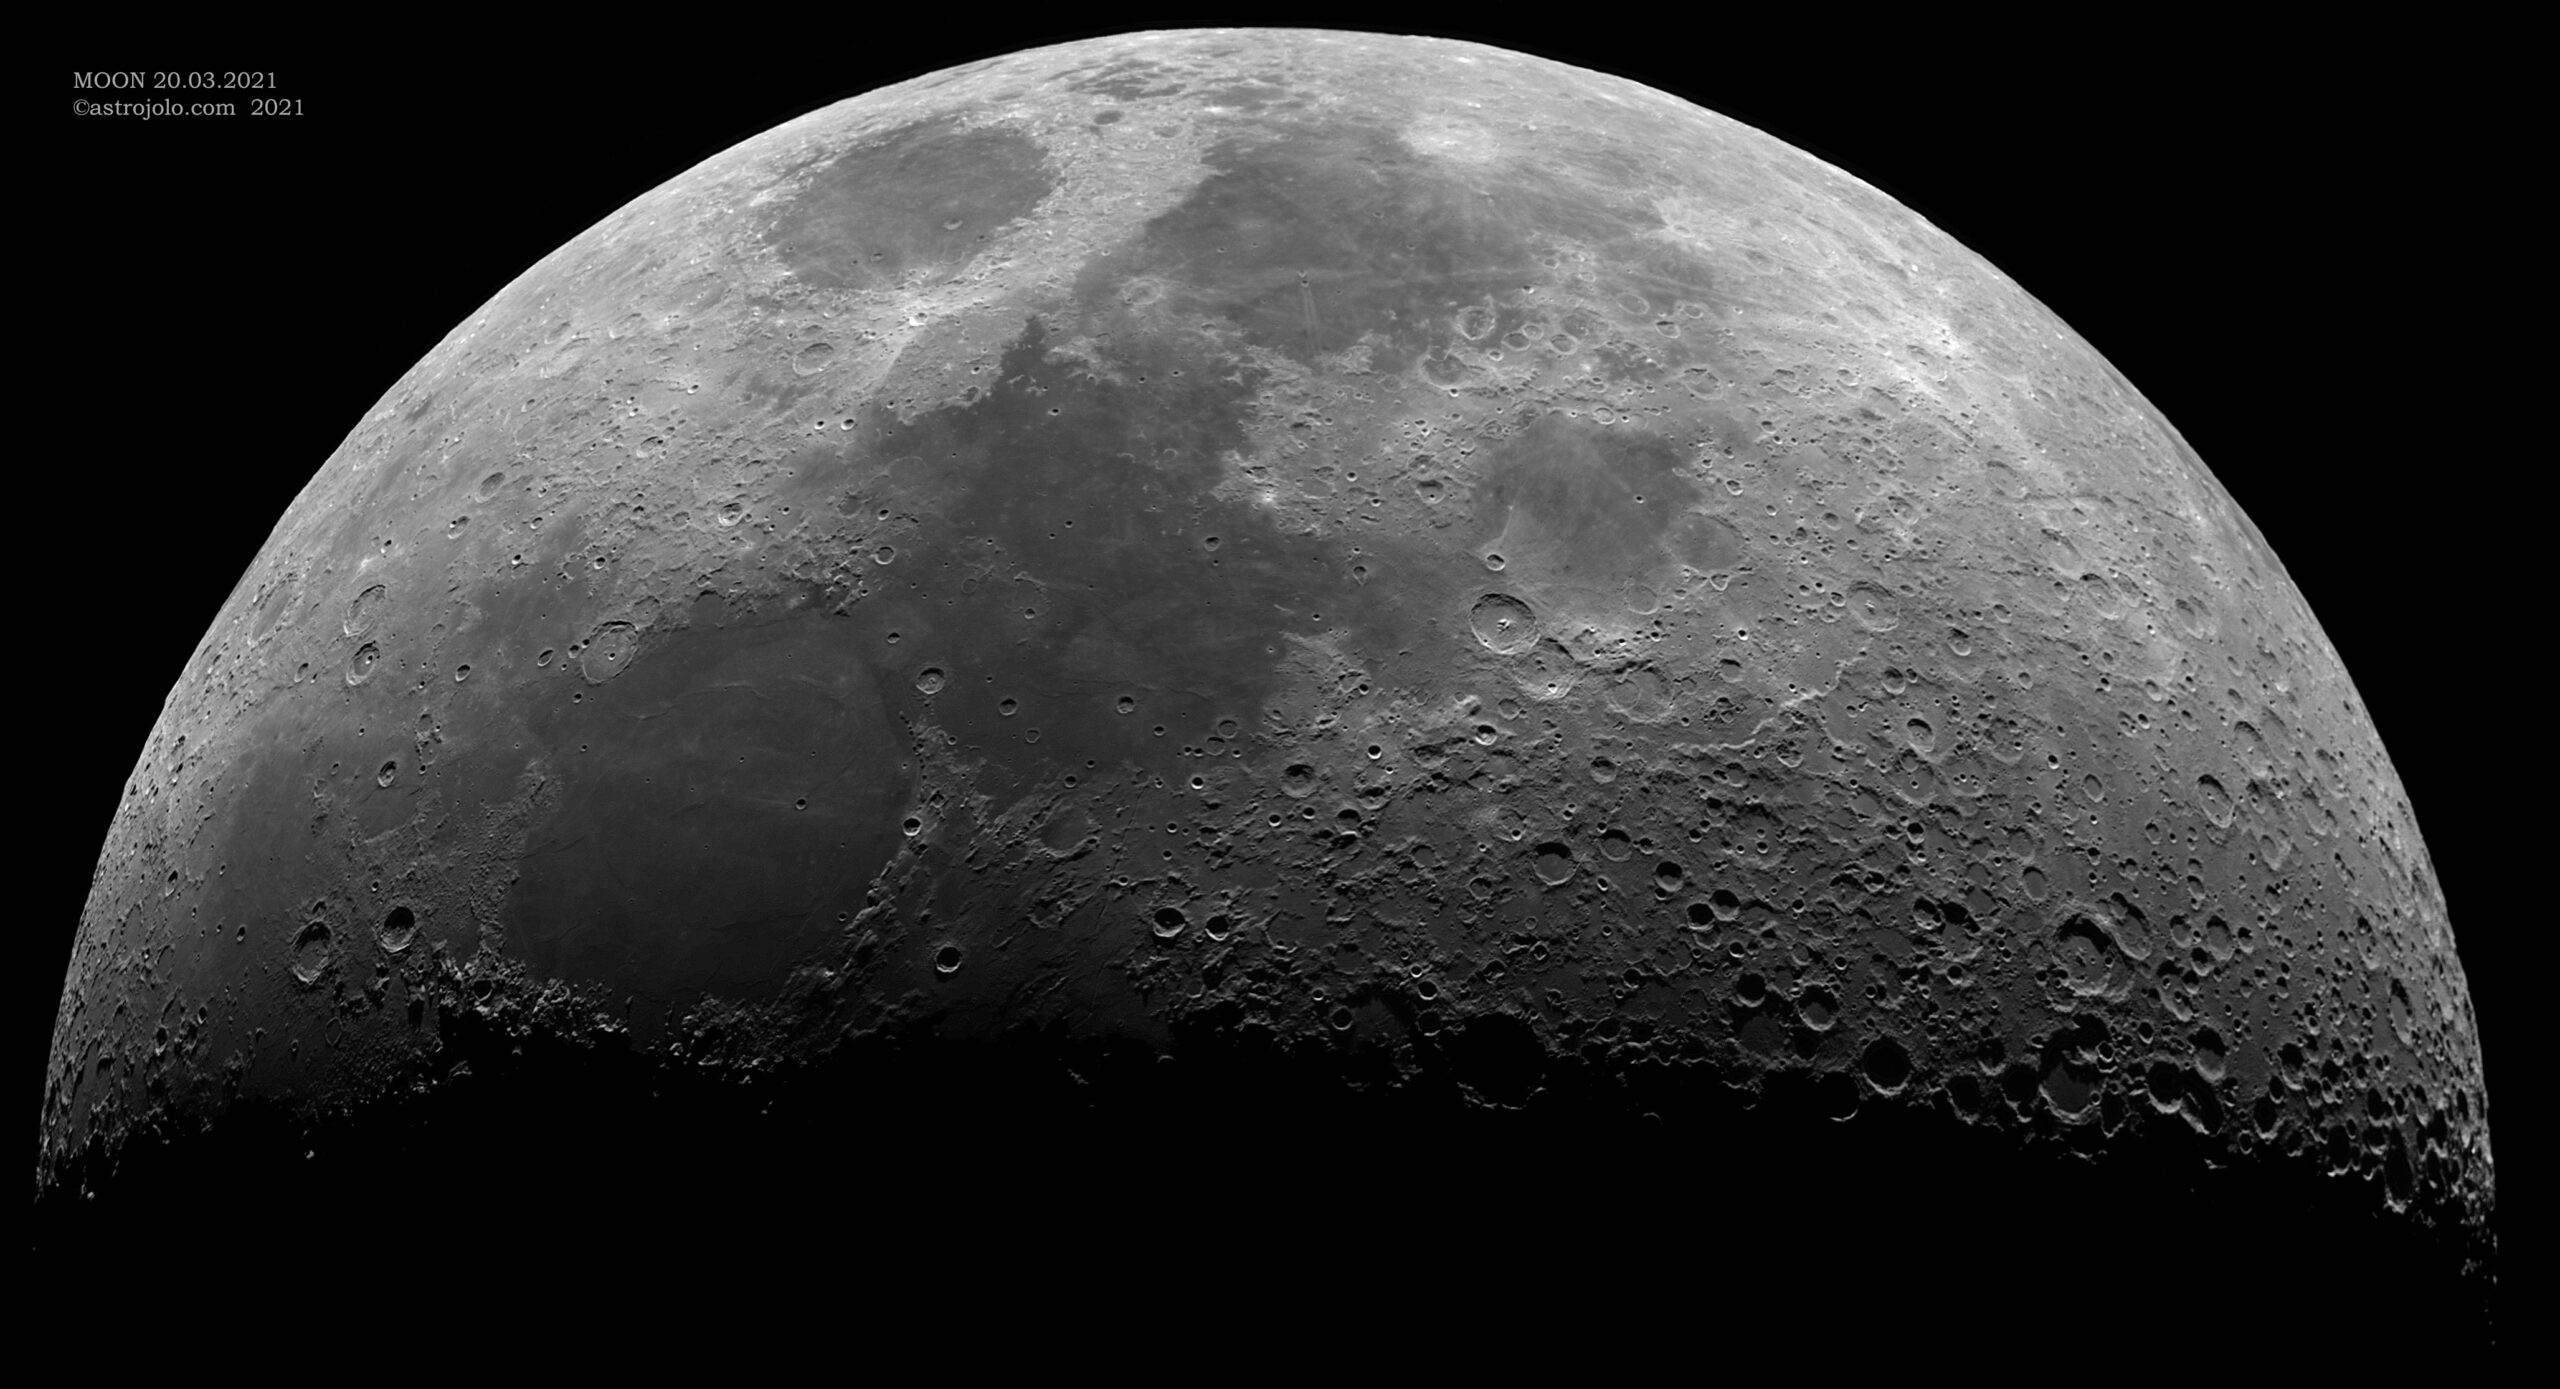 2021-03-20-moon-1-scaled.jpg